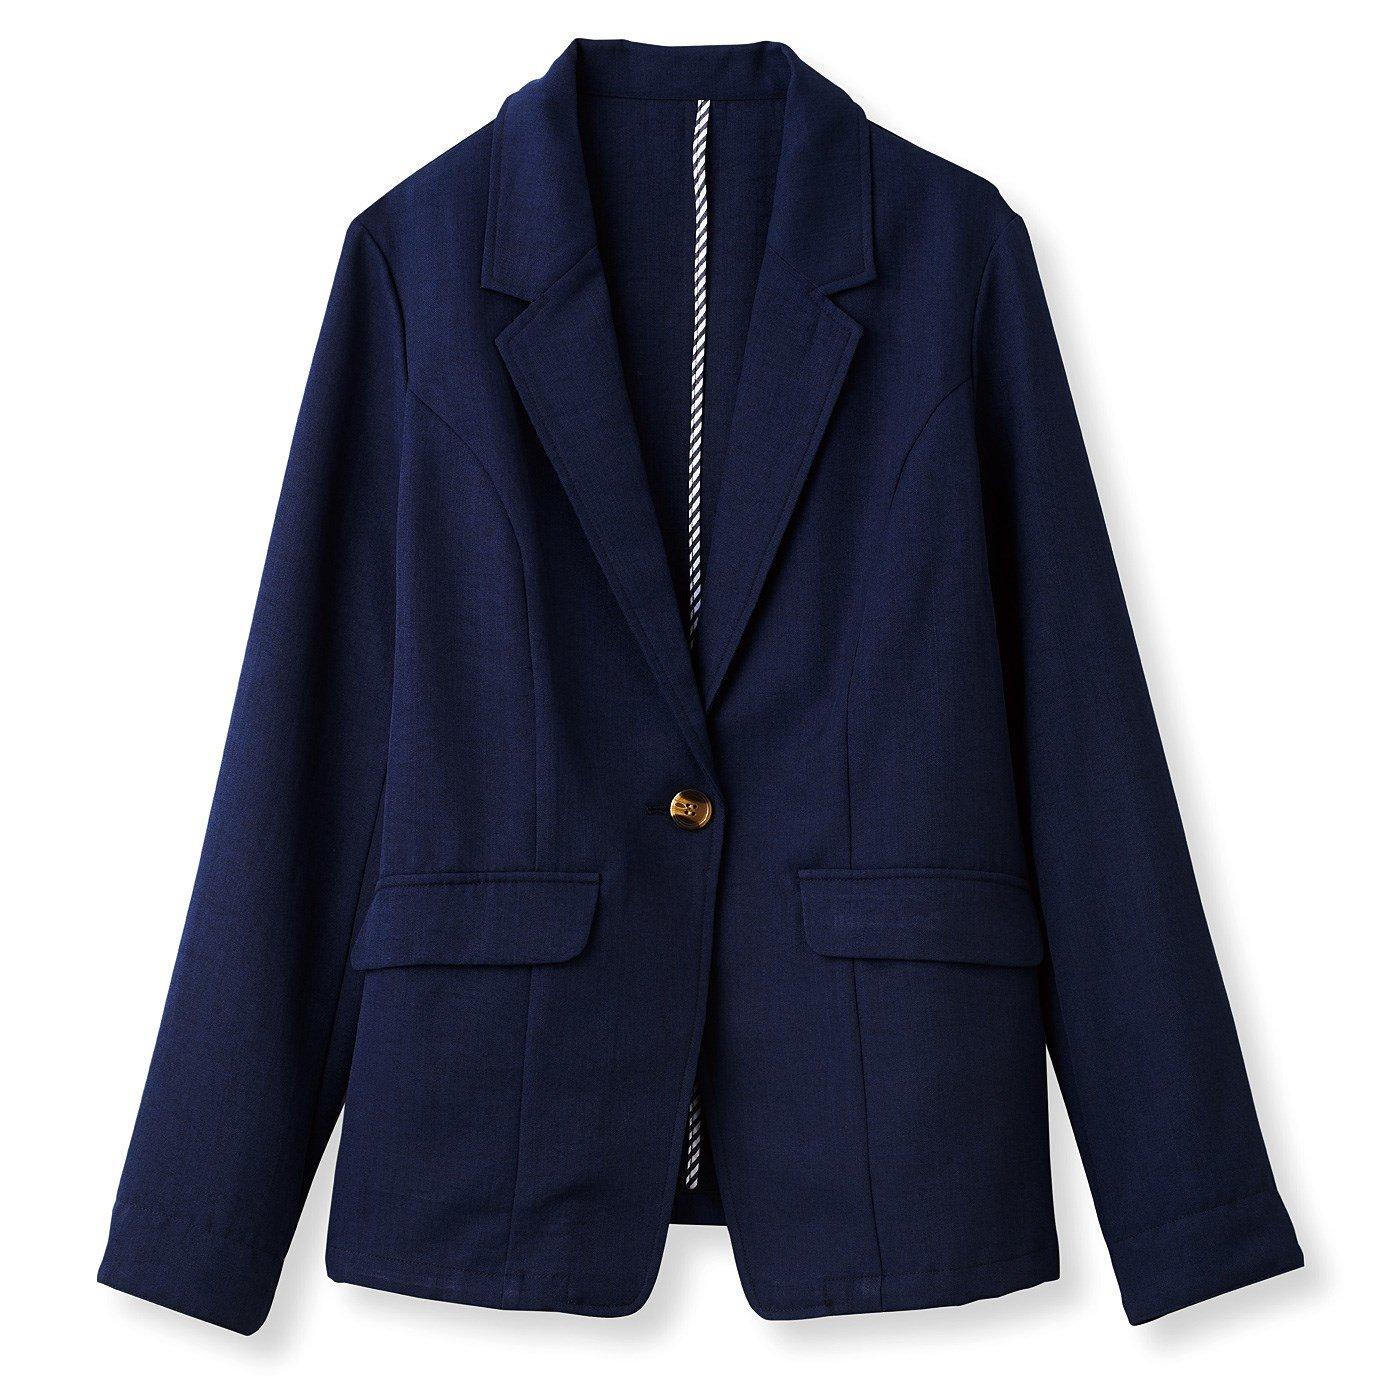 DRECO リネンライクな涼感のある 軽やかサマージャケット<ネイビー〉